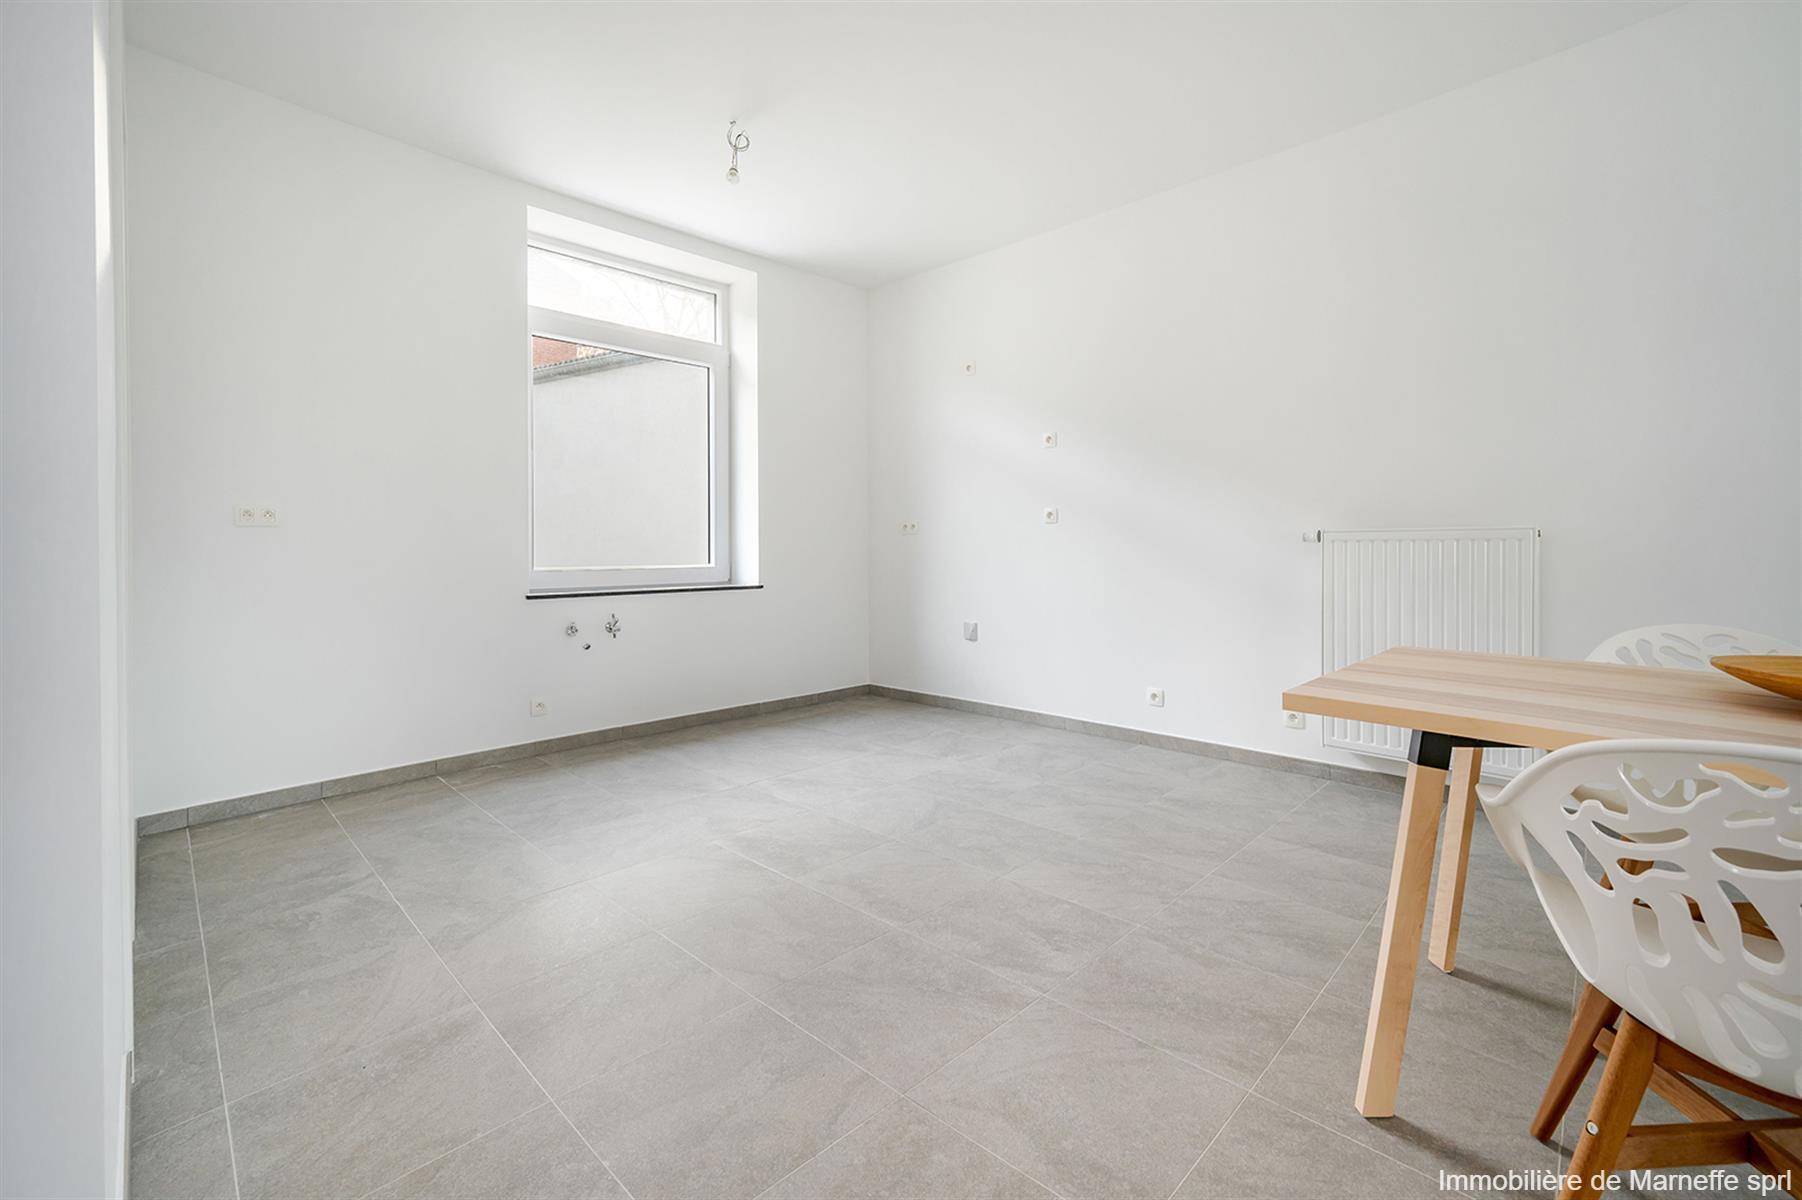 Maison - Grâce-Hollogne Velroux - #4214269-5